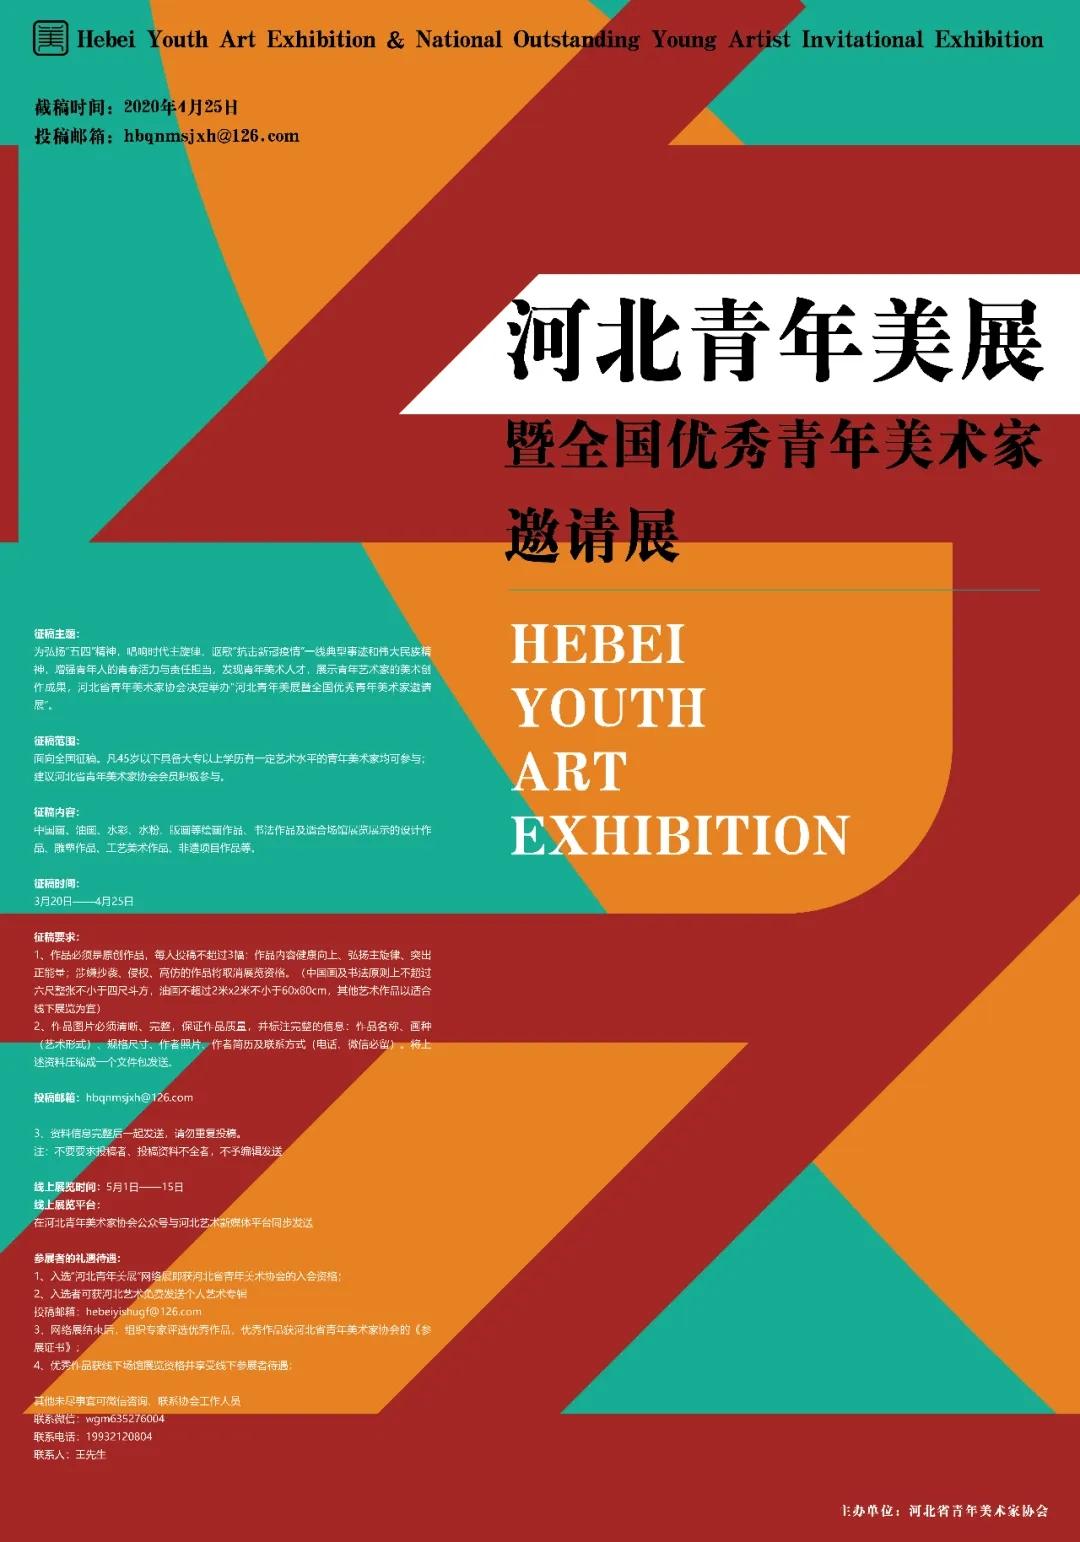 万博体育软件下载链接青年美展暨全国优秀青年美术家邀请展开幕